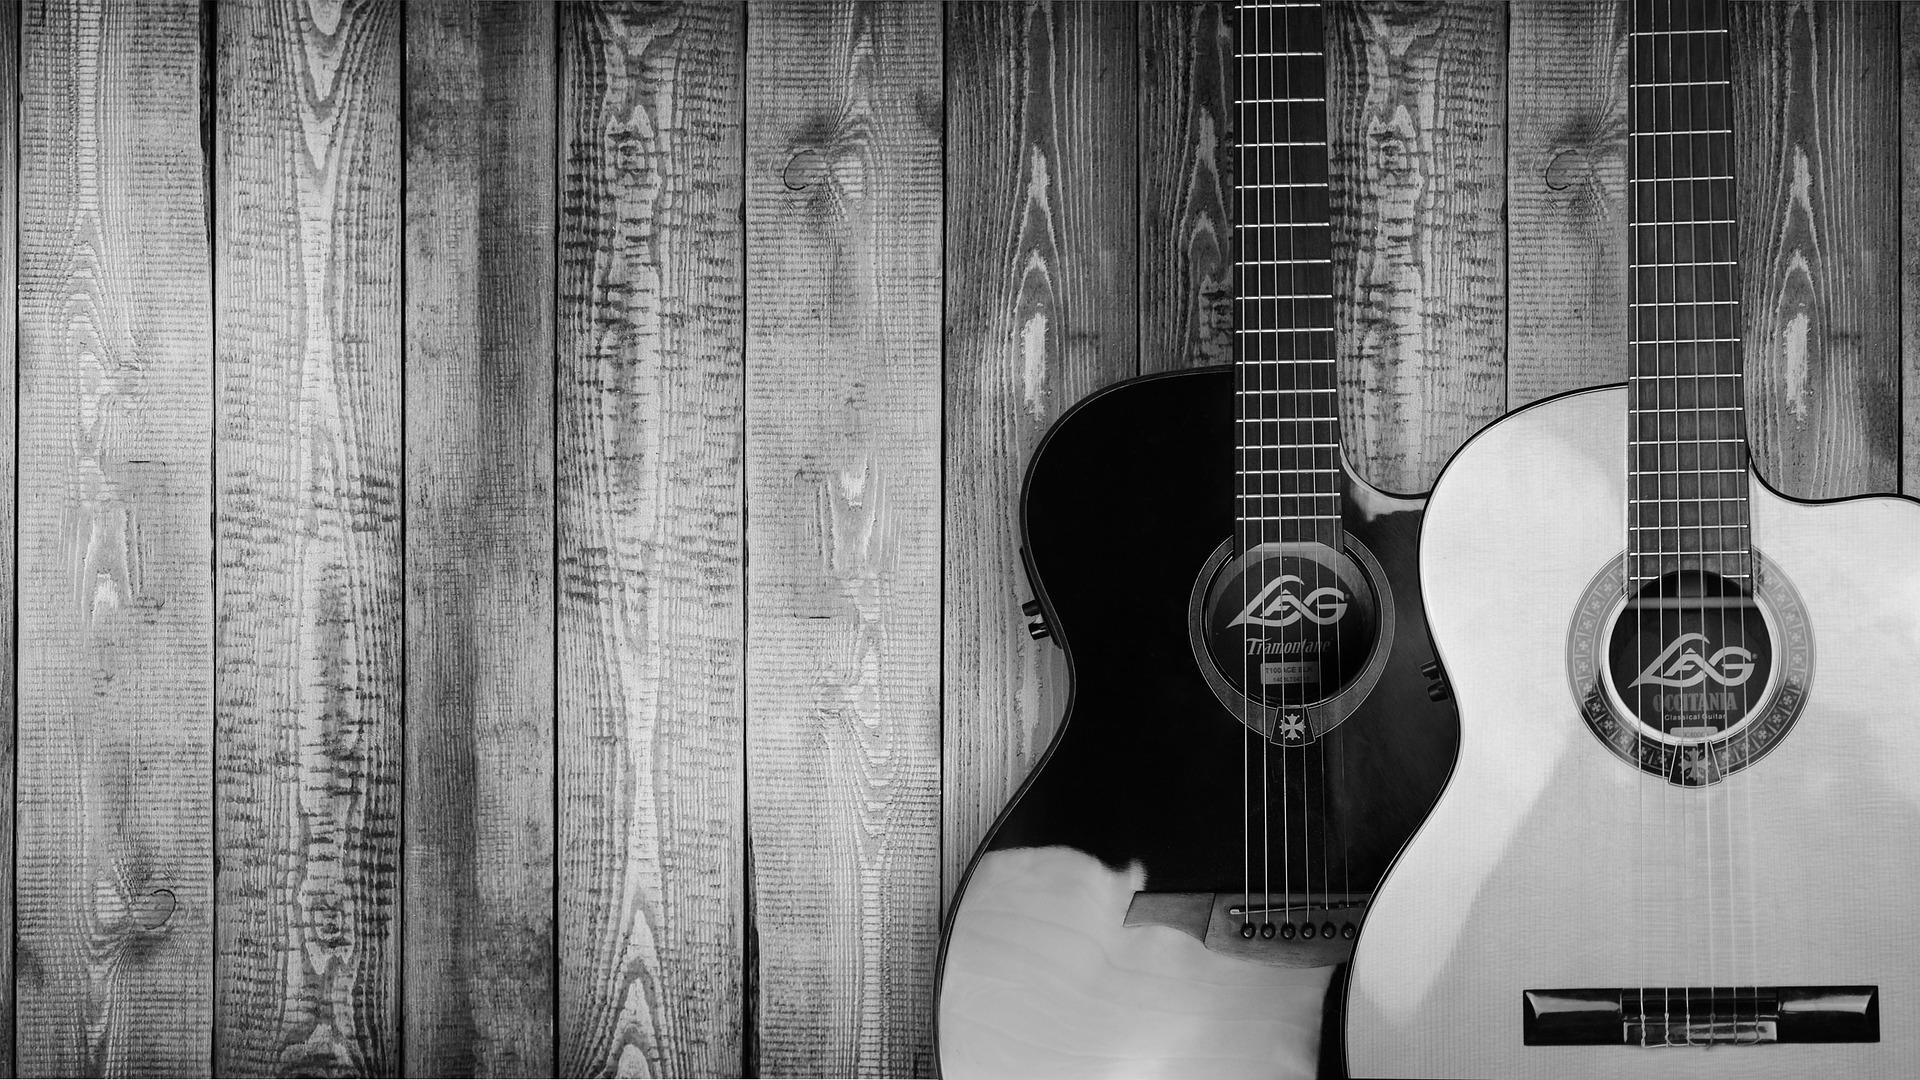 ギター初心者必見! 所ジョージさんも絶賛! ギターの弾き方 ギターは形から入れ! メルラー流ギターの弾き方Vo.2